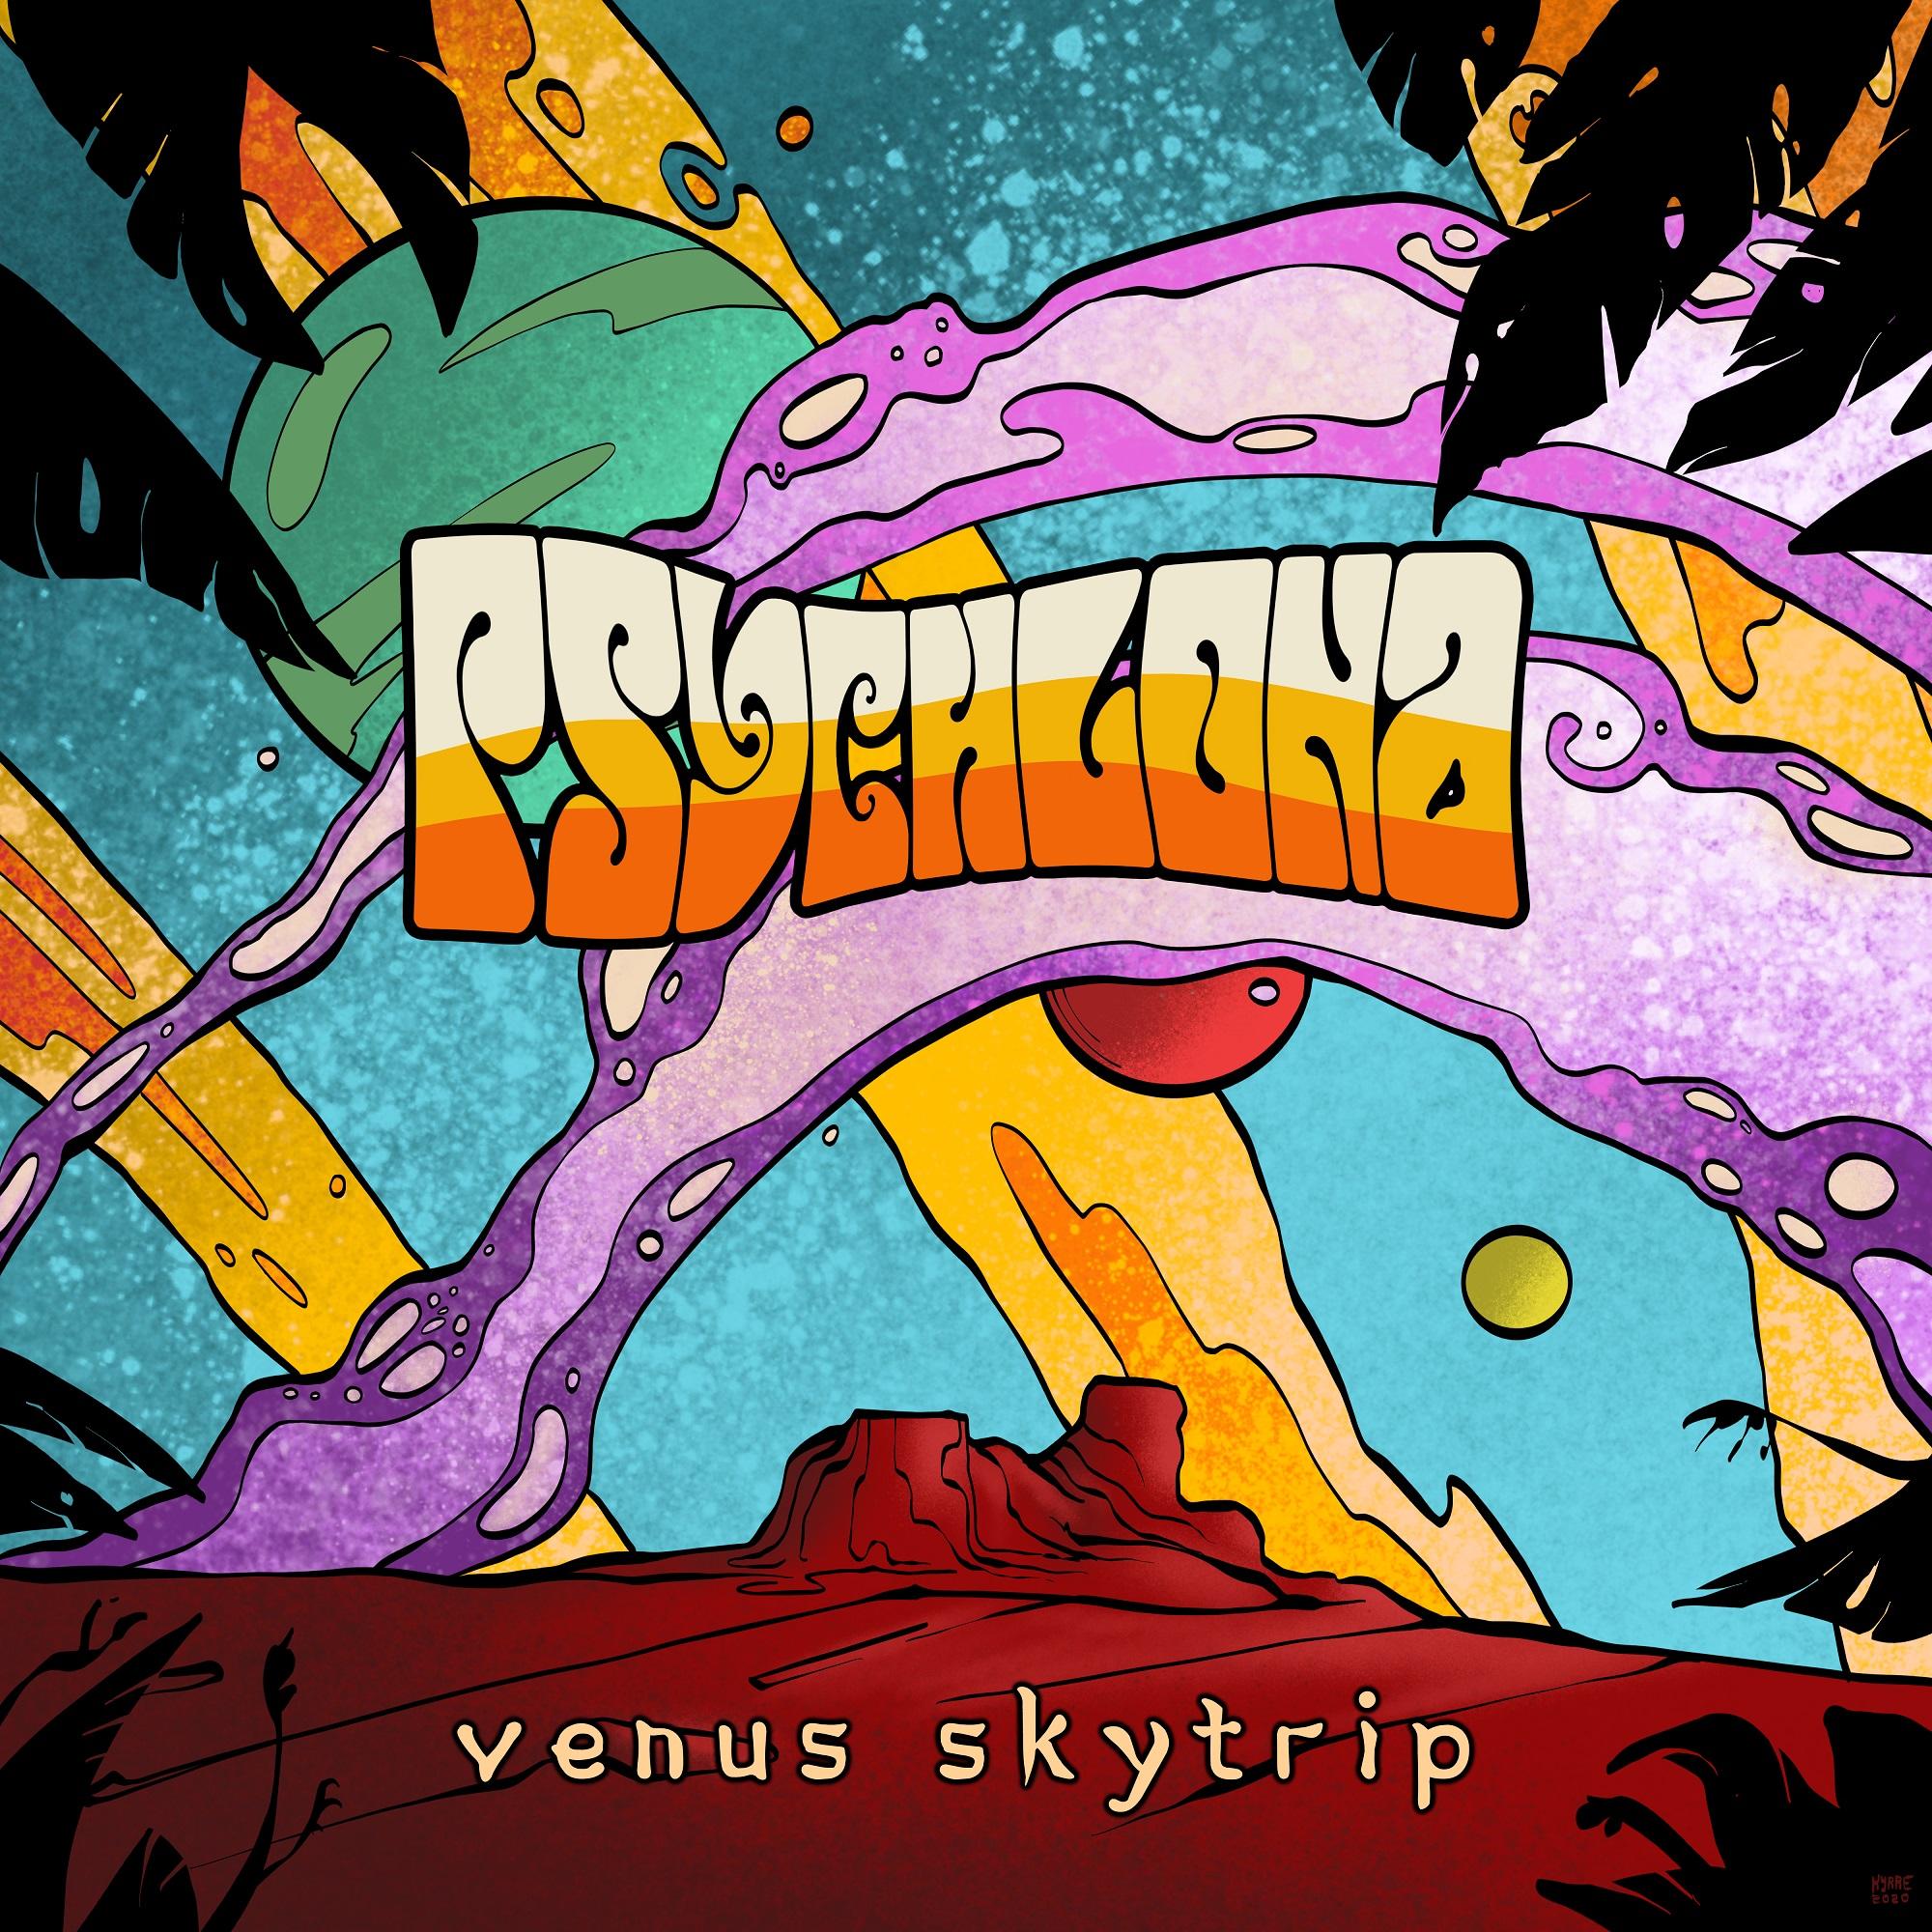 Psychlona Venus Skytrip